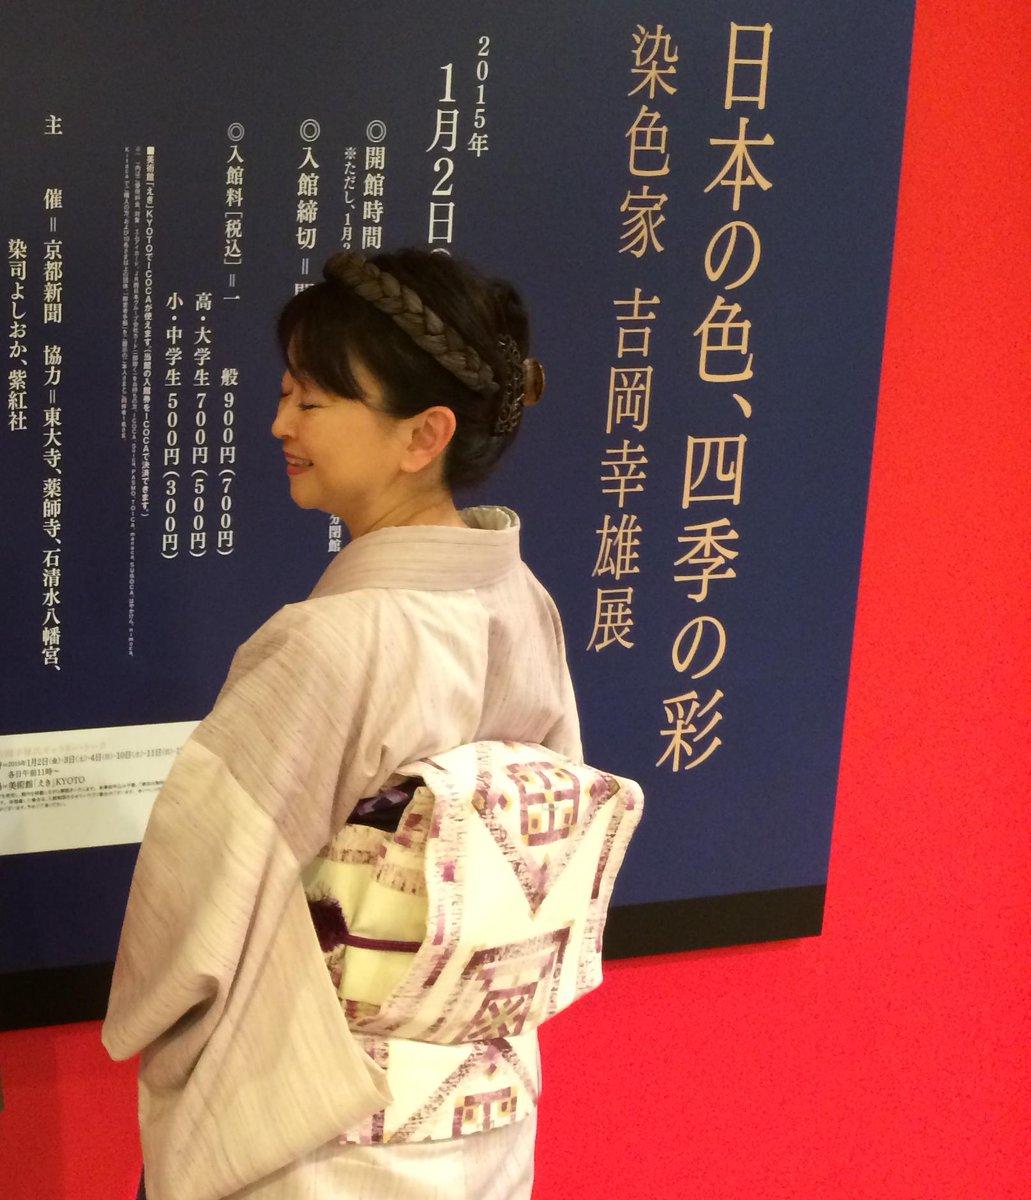 """Ο χρήστης 秋尾沙戸子 στο Twitter: """"植物染めで知られる、染司・吉岡 ..."""